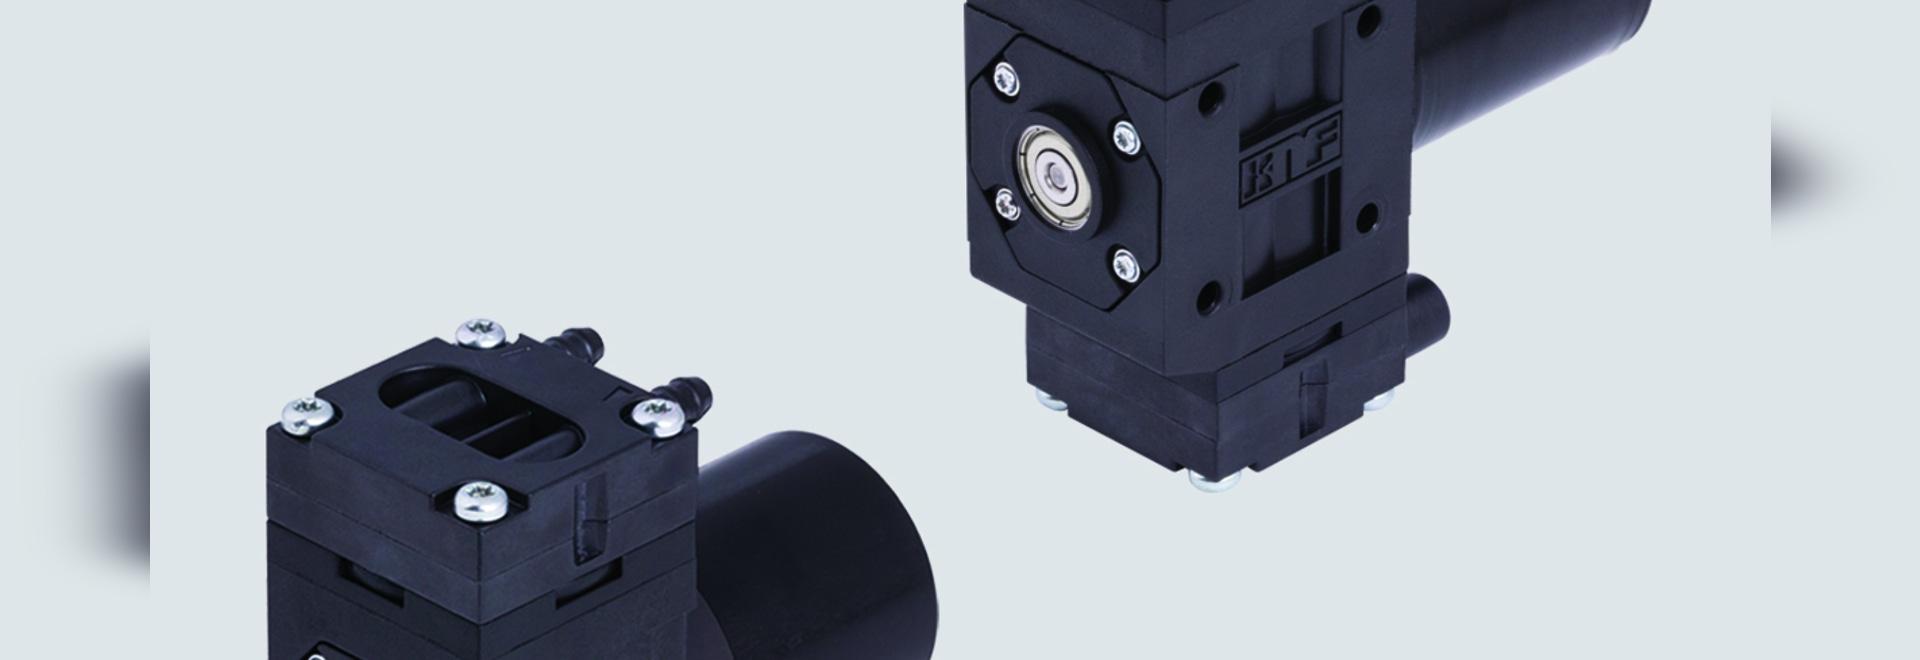 La bomba de gas viene en tamaño compacto